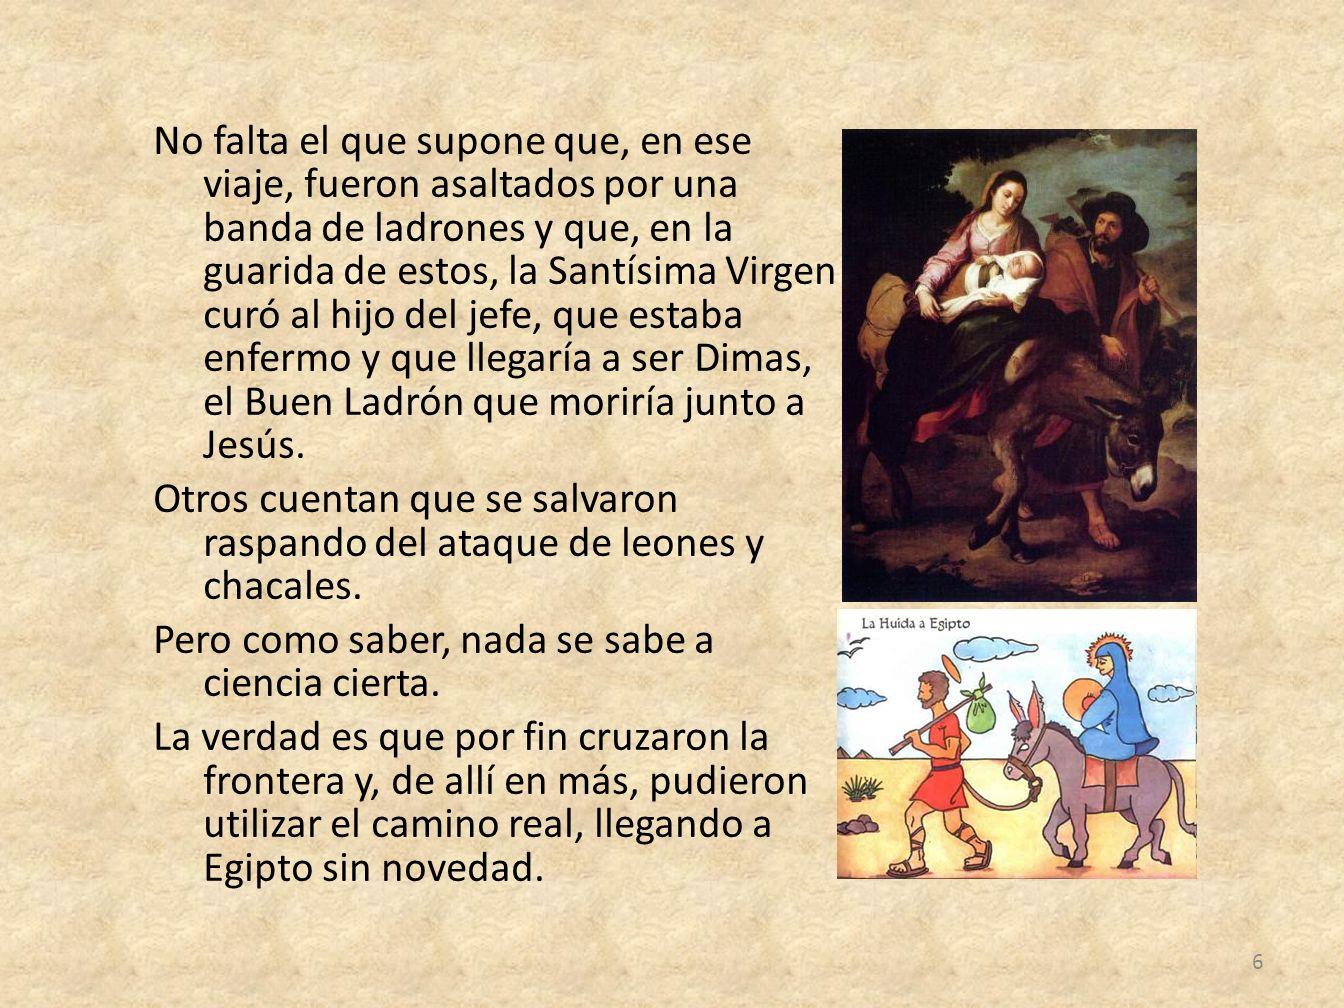 No falta el que supone que, en ese viaje, fueron asaltados por una banda de ladrones y que, en la guarida de estos, la Santísima Virgen curó al hijo d